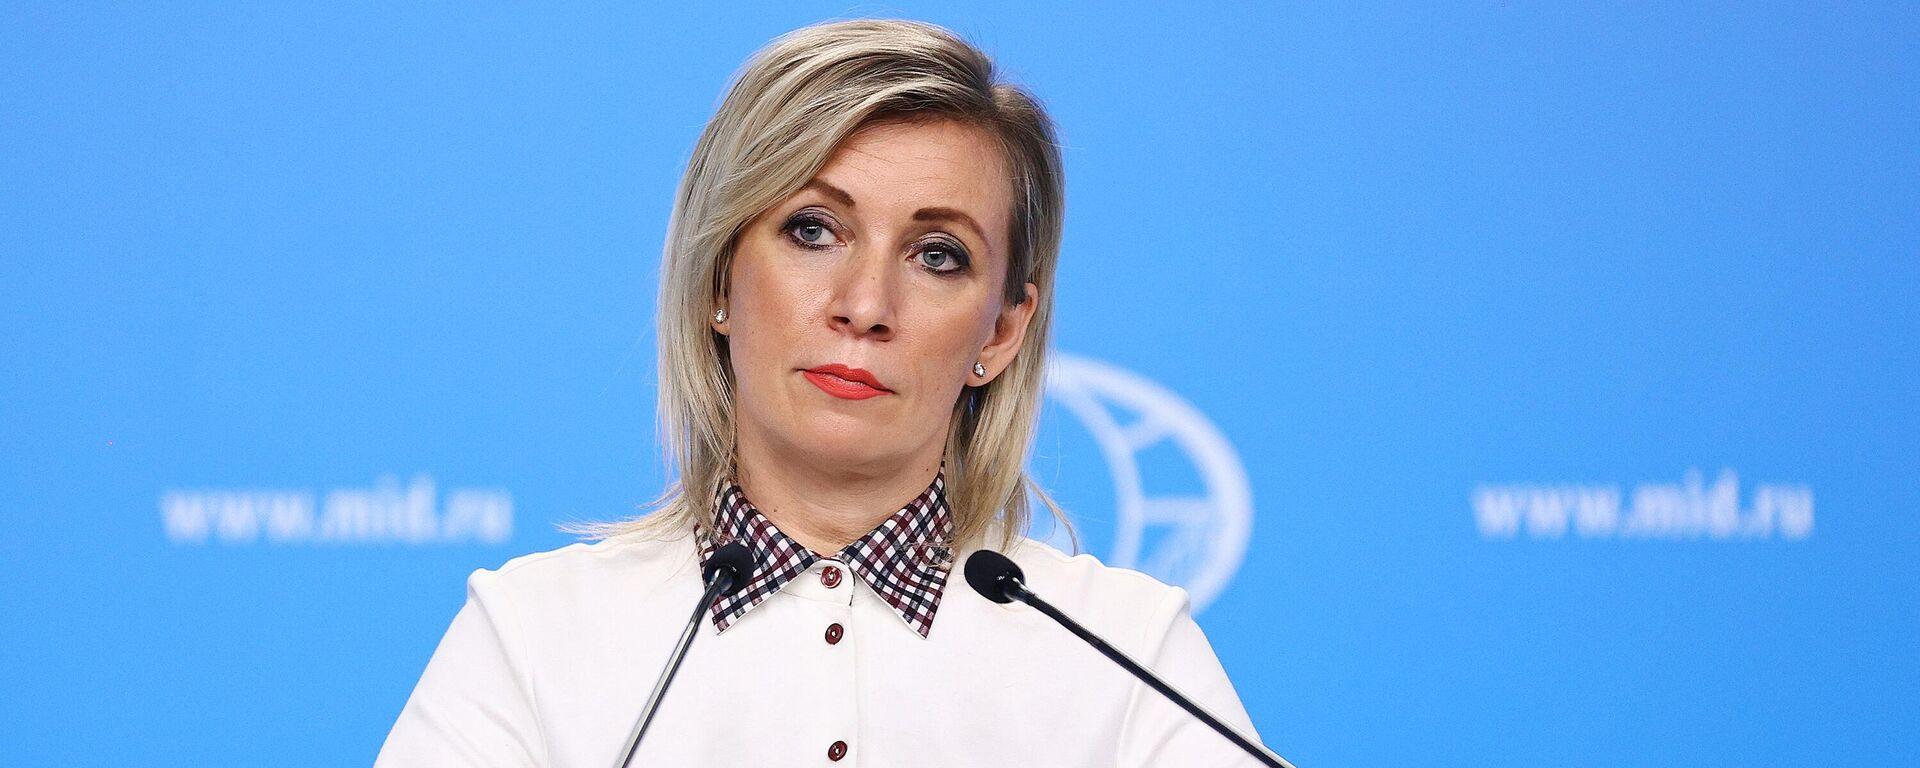 María Zajárova, portavoz del Ministerio de Asuntos Exteriores de Rusia - Sputnik Mundo, 1920, 25.04.2021